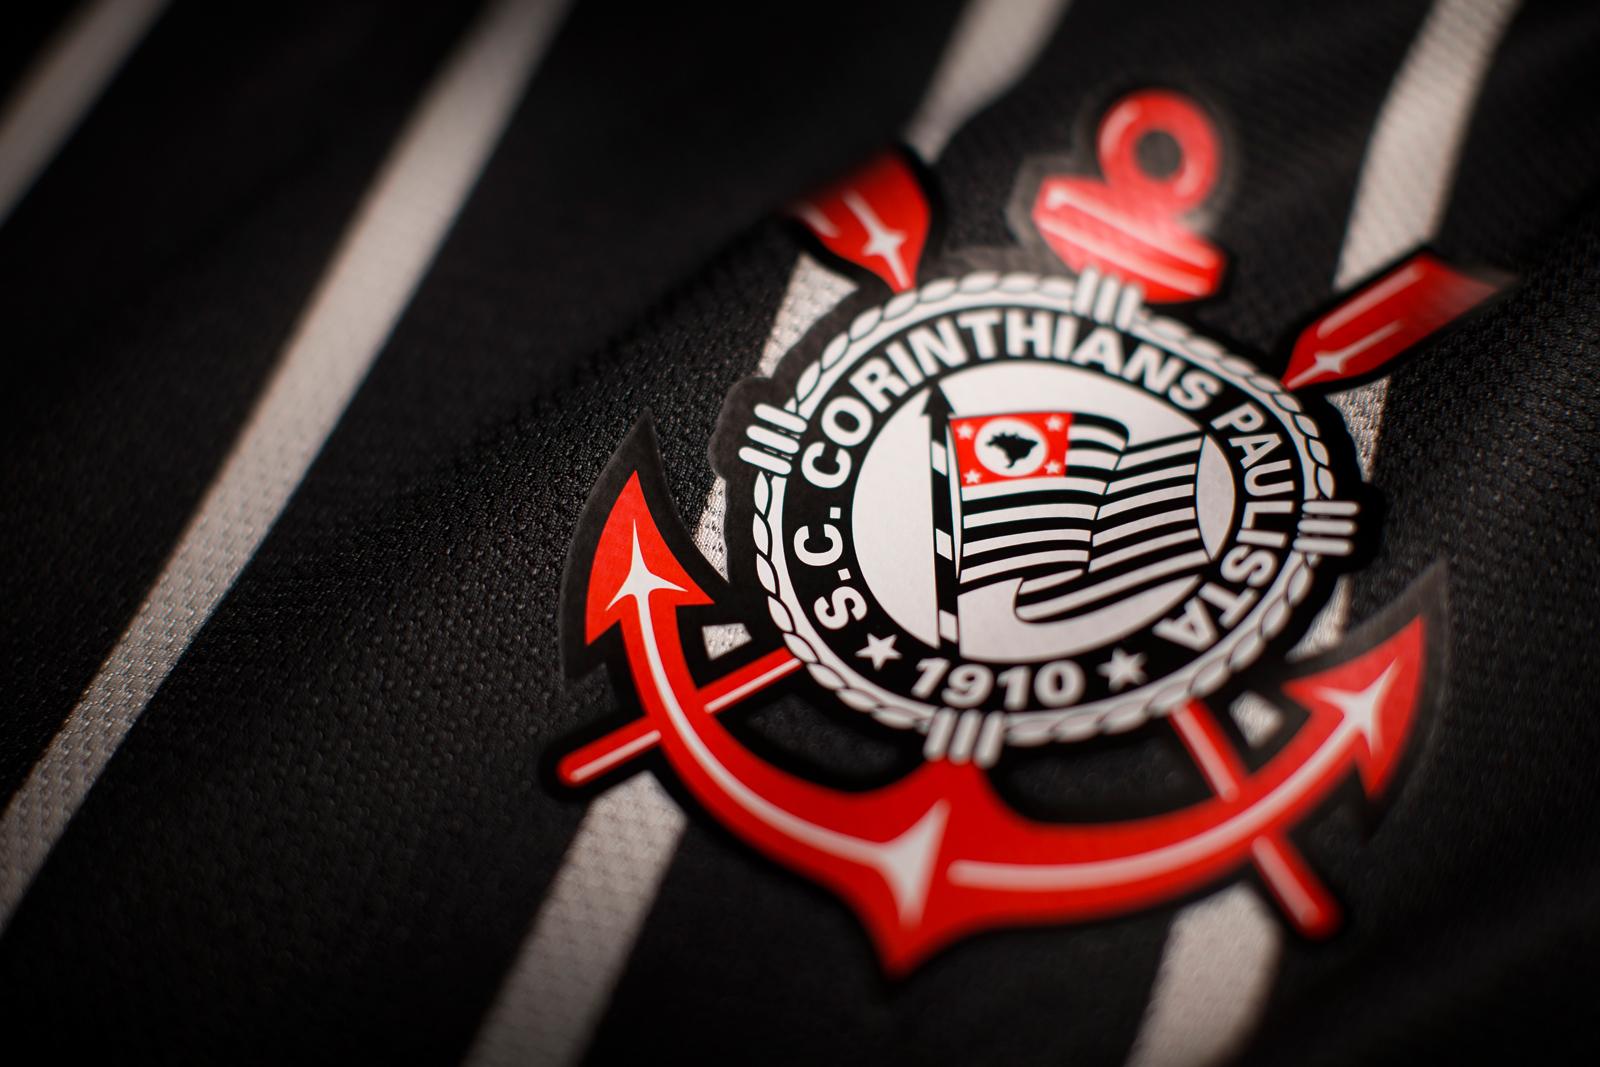 Conocé cuales son los clubes más valiosos de Brasil